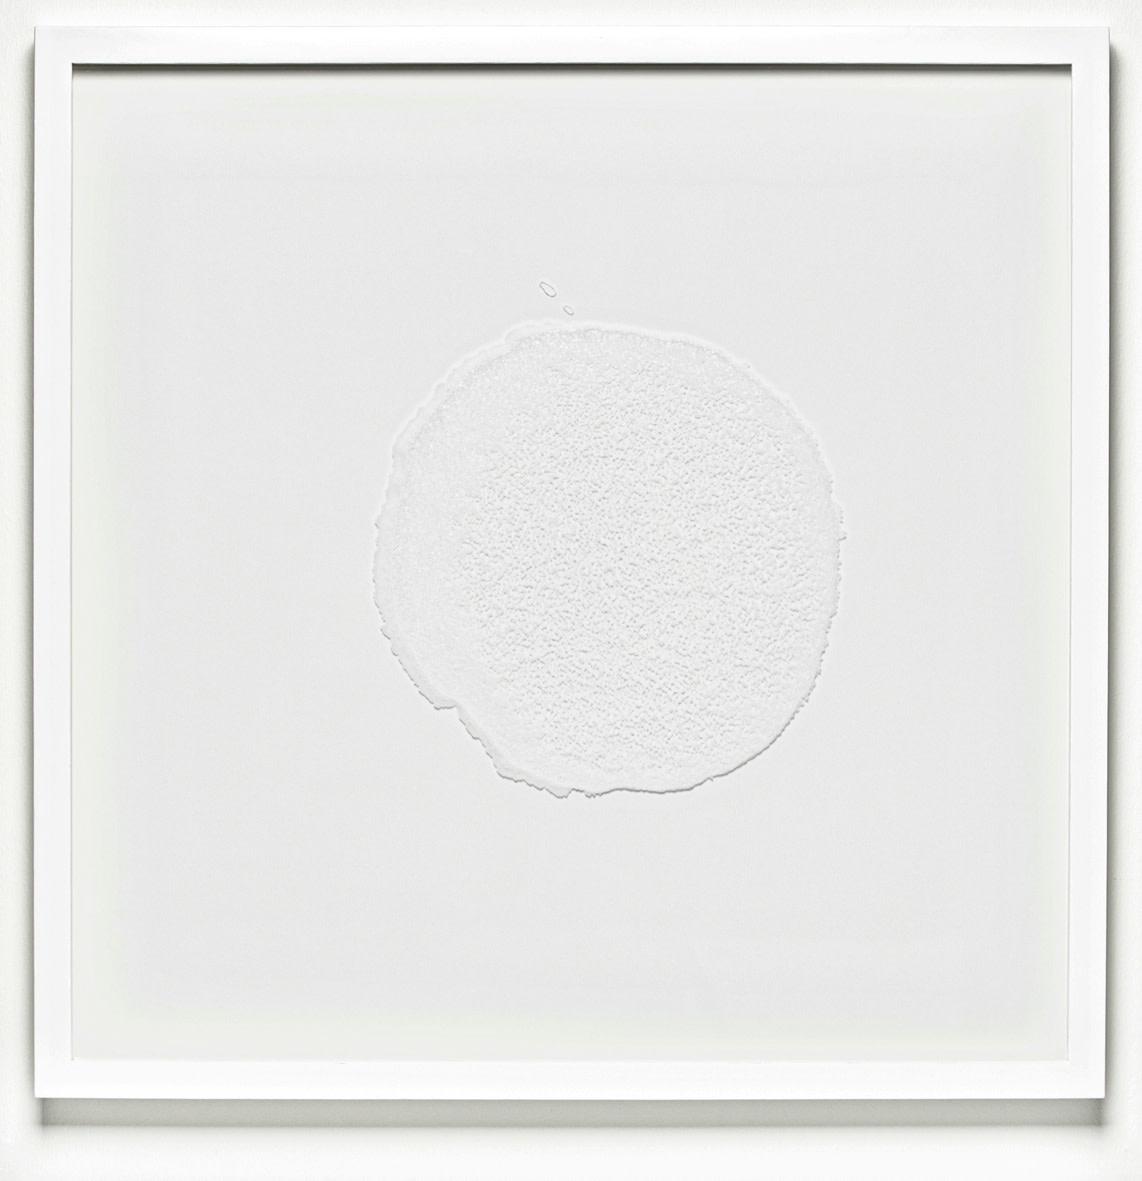 """<span class=""""link fancybox-details-link""""><a href=""""/exhibitions/129/works/artworks9039/"""">View Detail Page</a></span><div class=""""artist""""><strong>RAGNA RÓBERTSDÓTTIR</strong></div><div class=""""title""""><em>Mindscape (salt)</em>, 2013</div><div class=""""medium"""">sea salt on glass</div><div class=""""dimensions"""">72.0 x 72.0 x 4.5 cm<br>28 1/8 x 28 1/8 x 1 1/4 in</div>"""